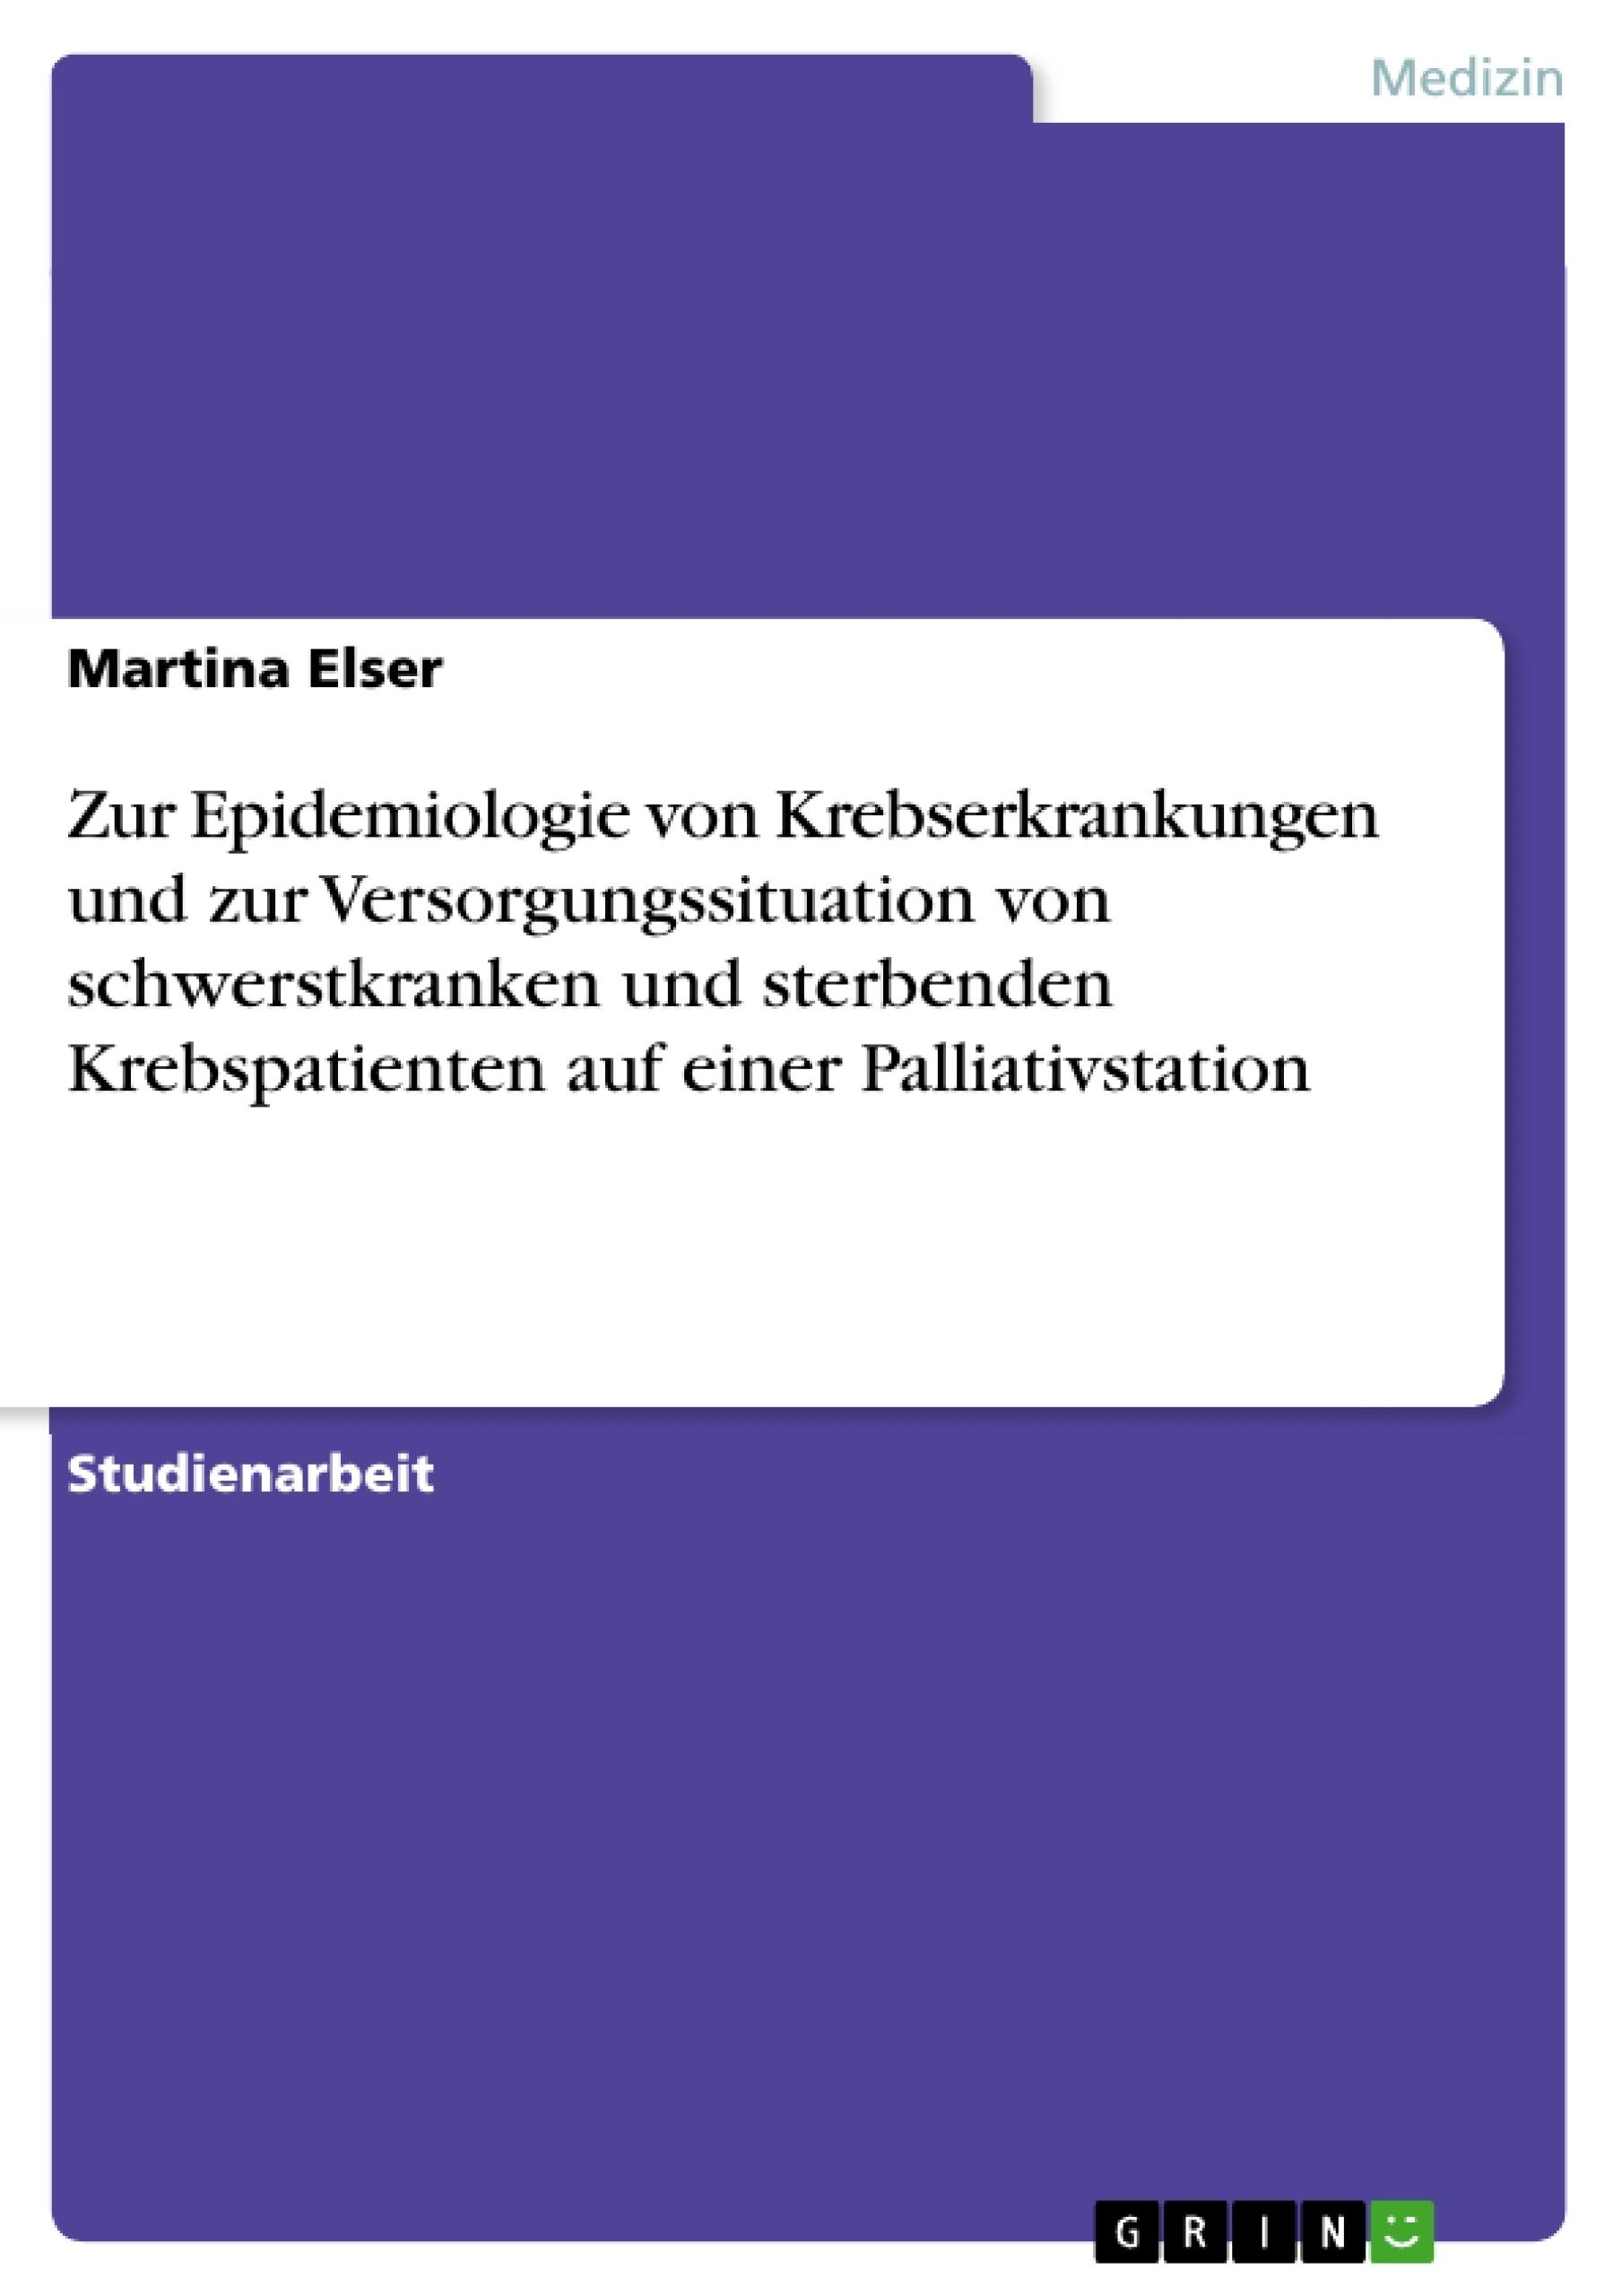 Titel: Zur Epidemiologie von Krebserkrankungen und zur Versorgungssituation von schwerstkranken und sterbenden Krebspatienten auf einer Palliativstation